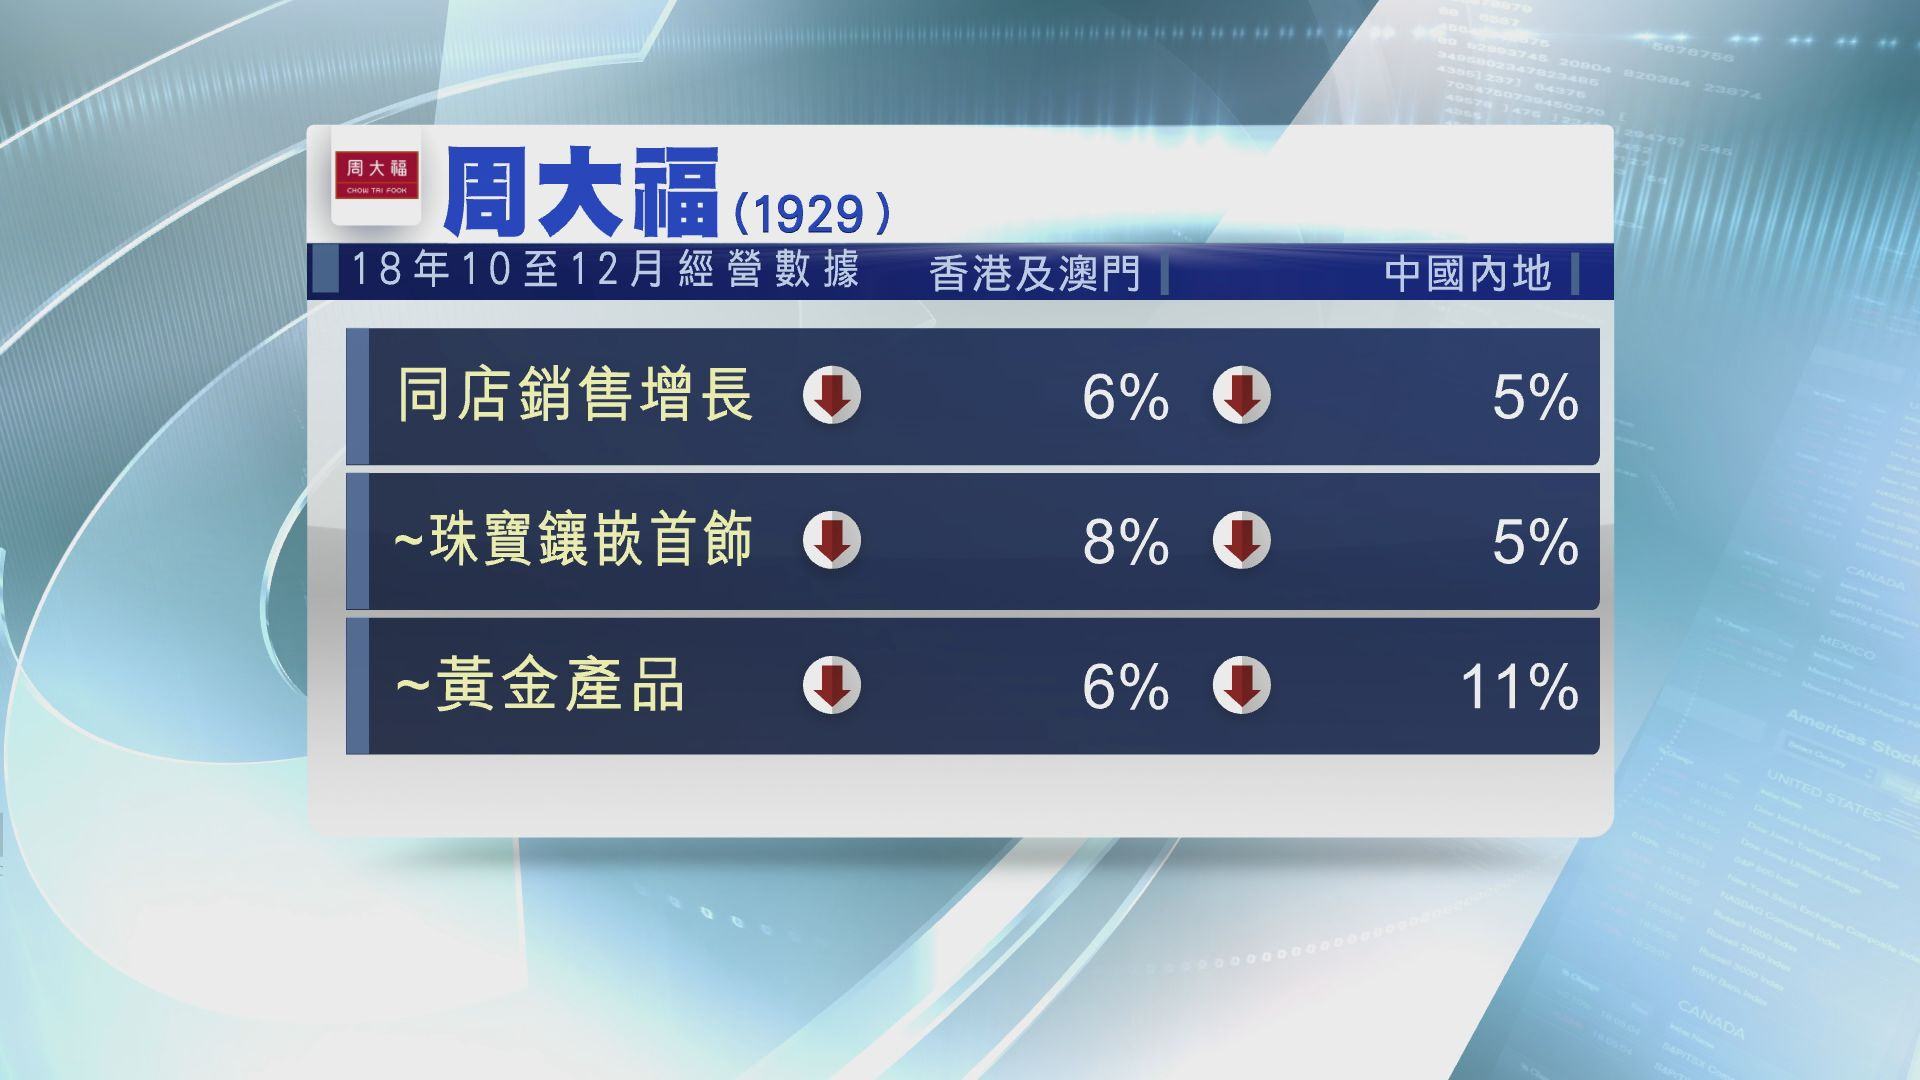 【上季數據】周大福港澳同店銷售按年跌6%